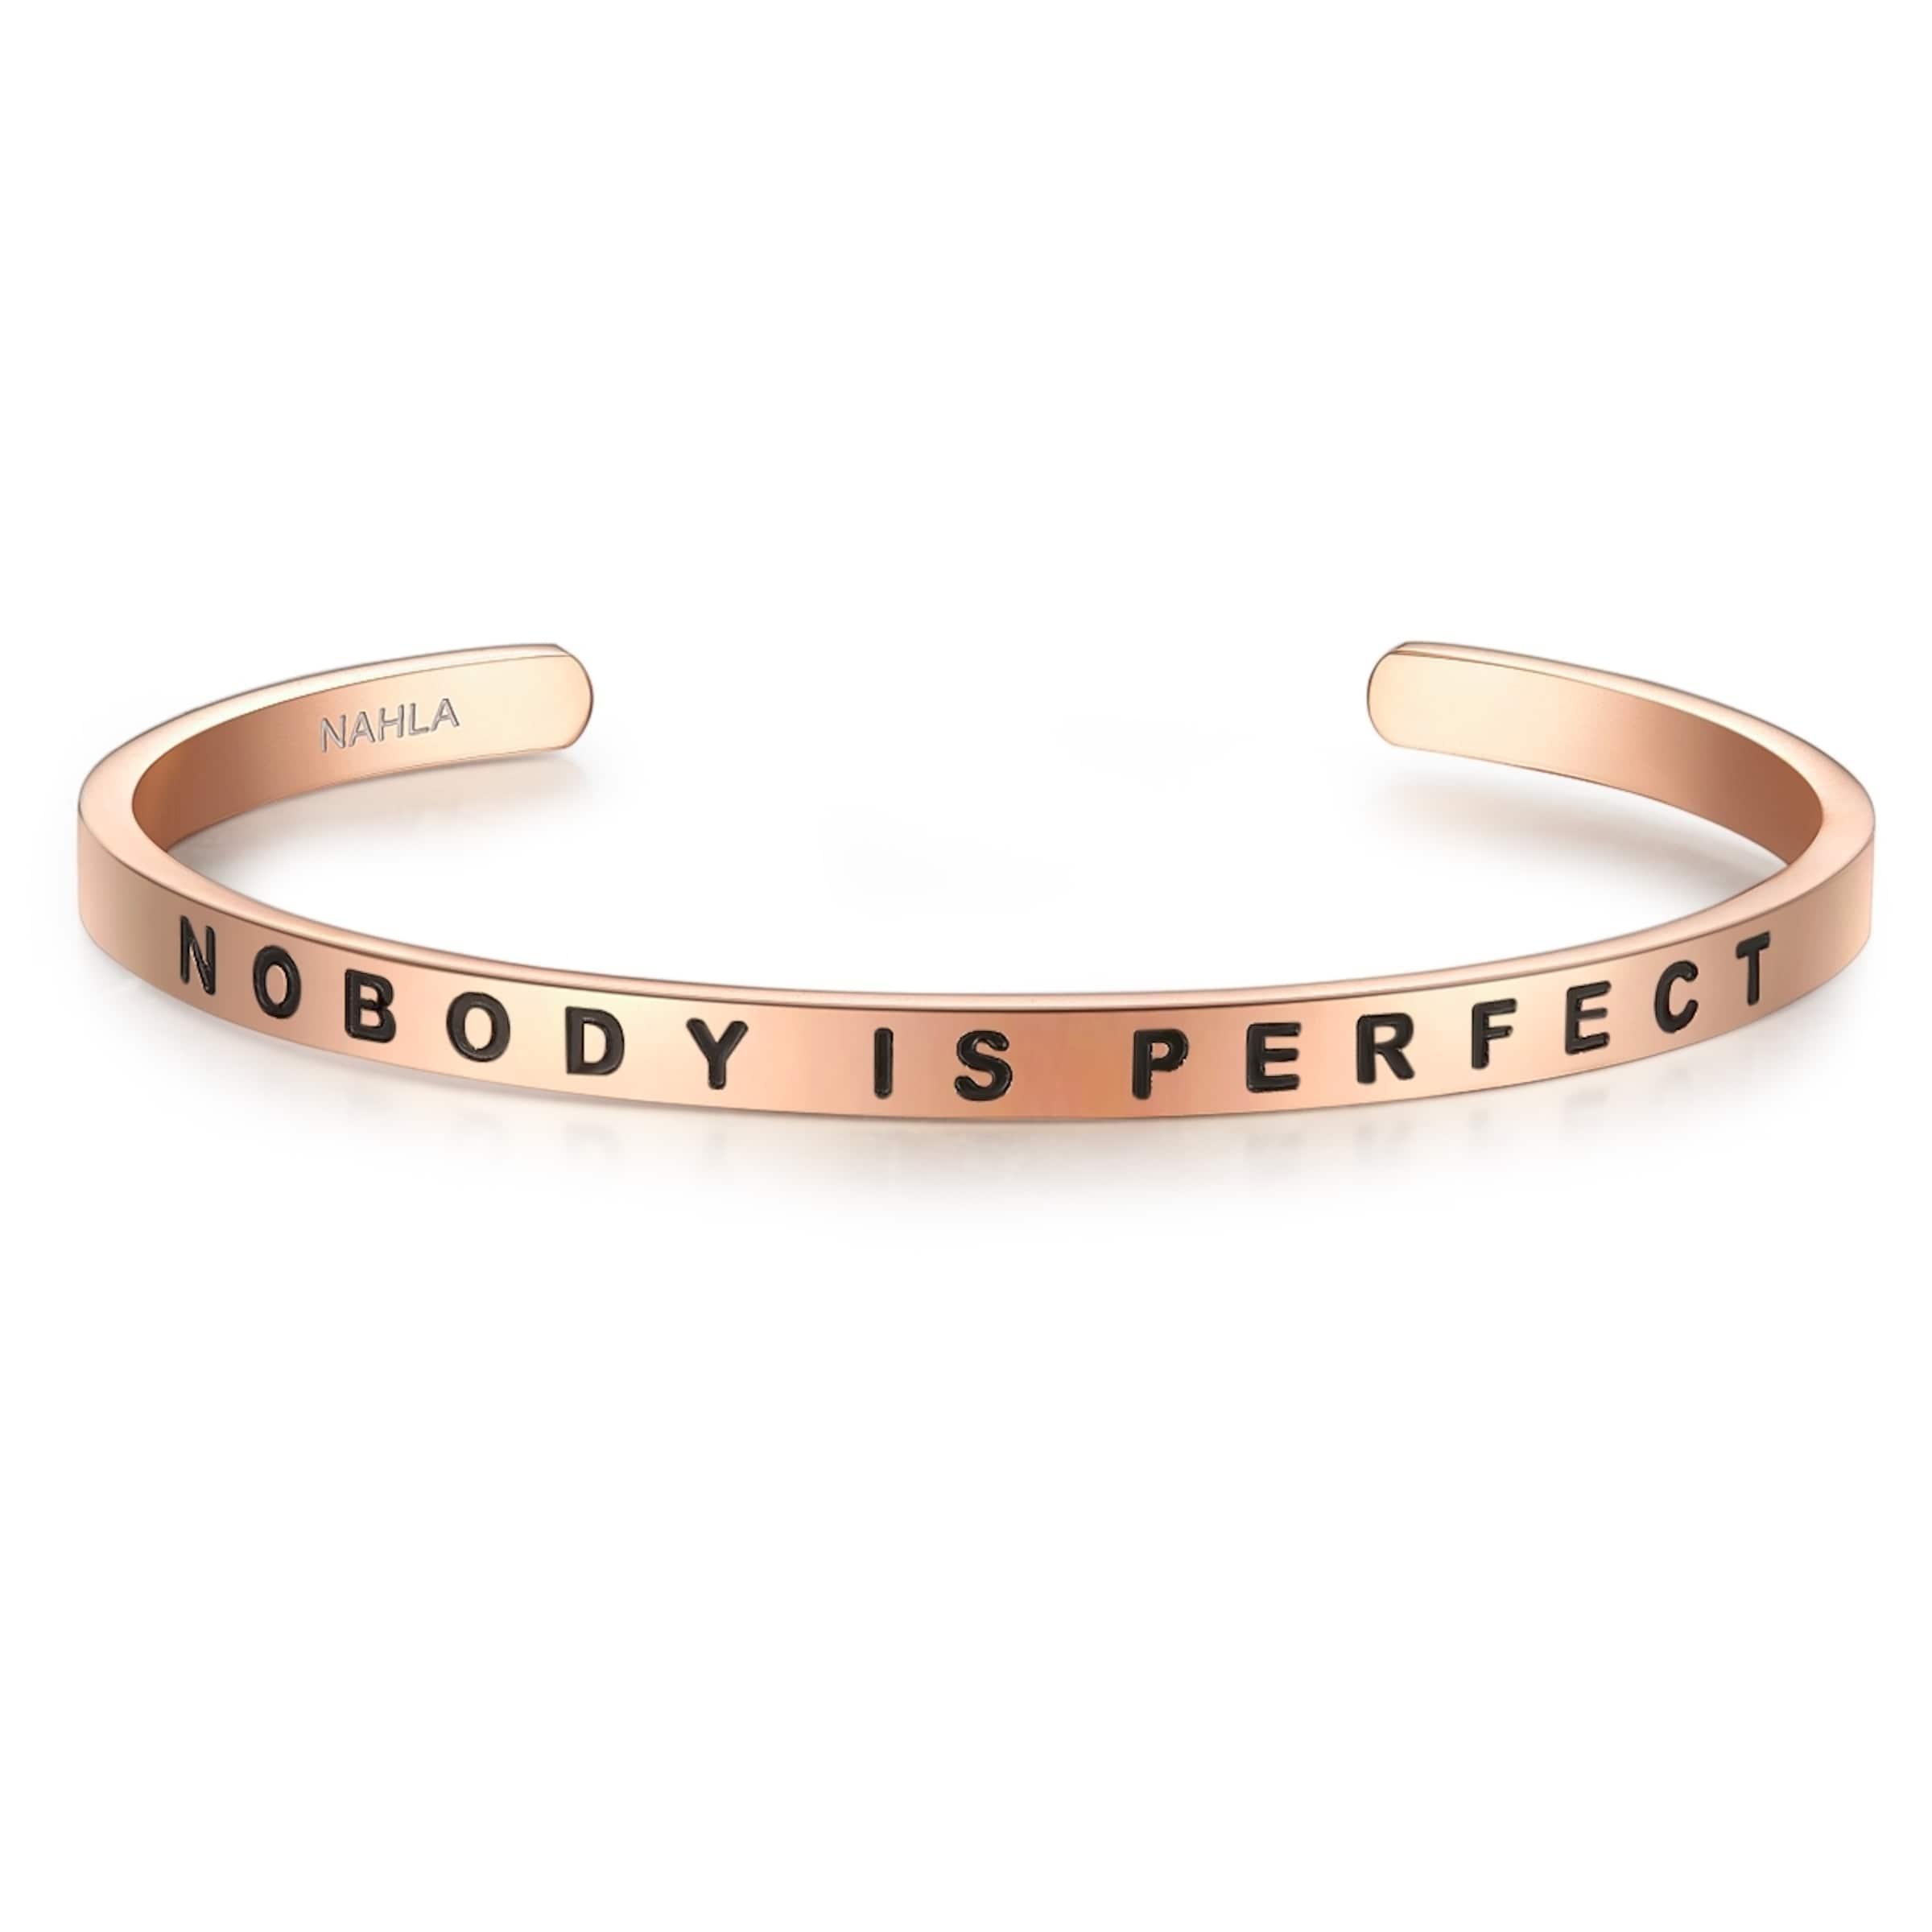 Erstaunlicher Preis Günstig Online Nahla Jewels Armreif mit NOBODY IS PERFECT-Schriftzug Verkauf Komfortabel Verkauf Vorbestellung vNDOg9jSP